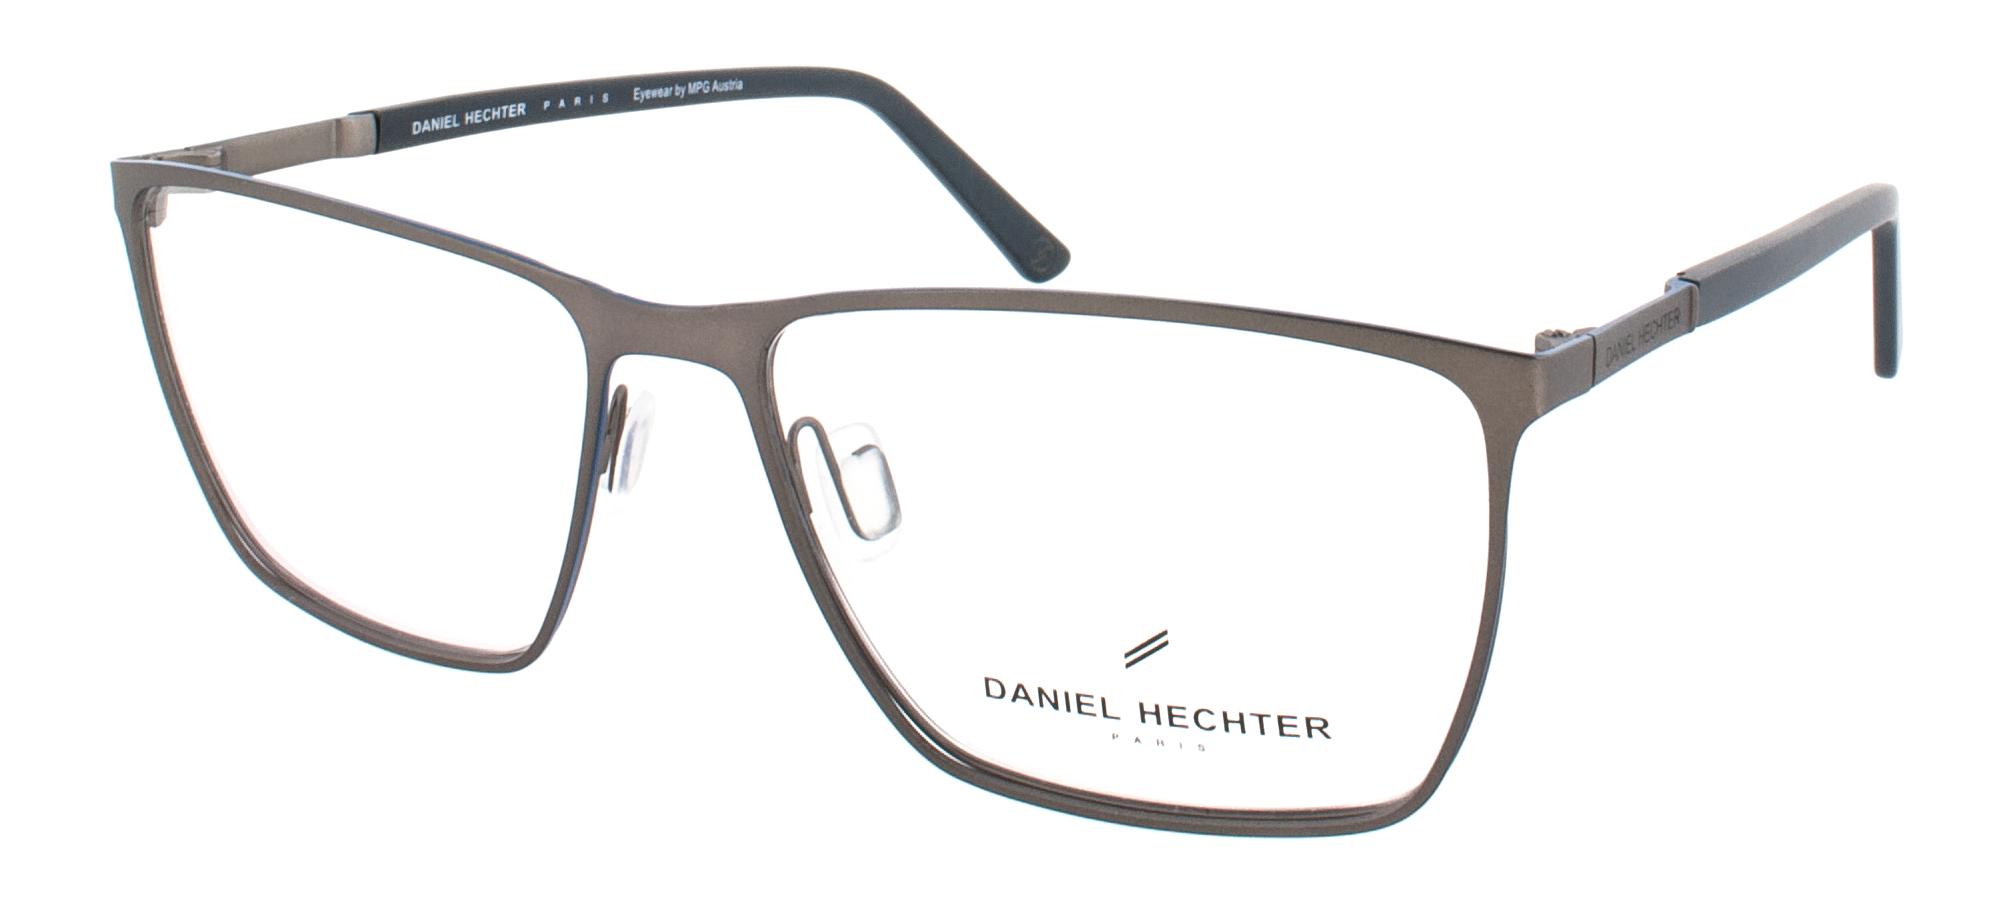 DANIEL HECHTER | frame: Modell DHM116-4